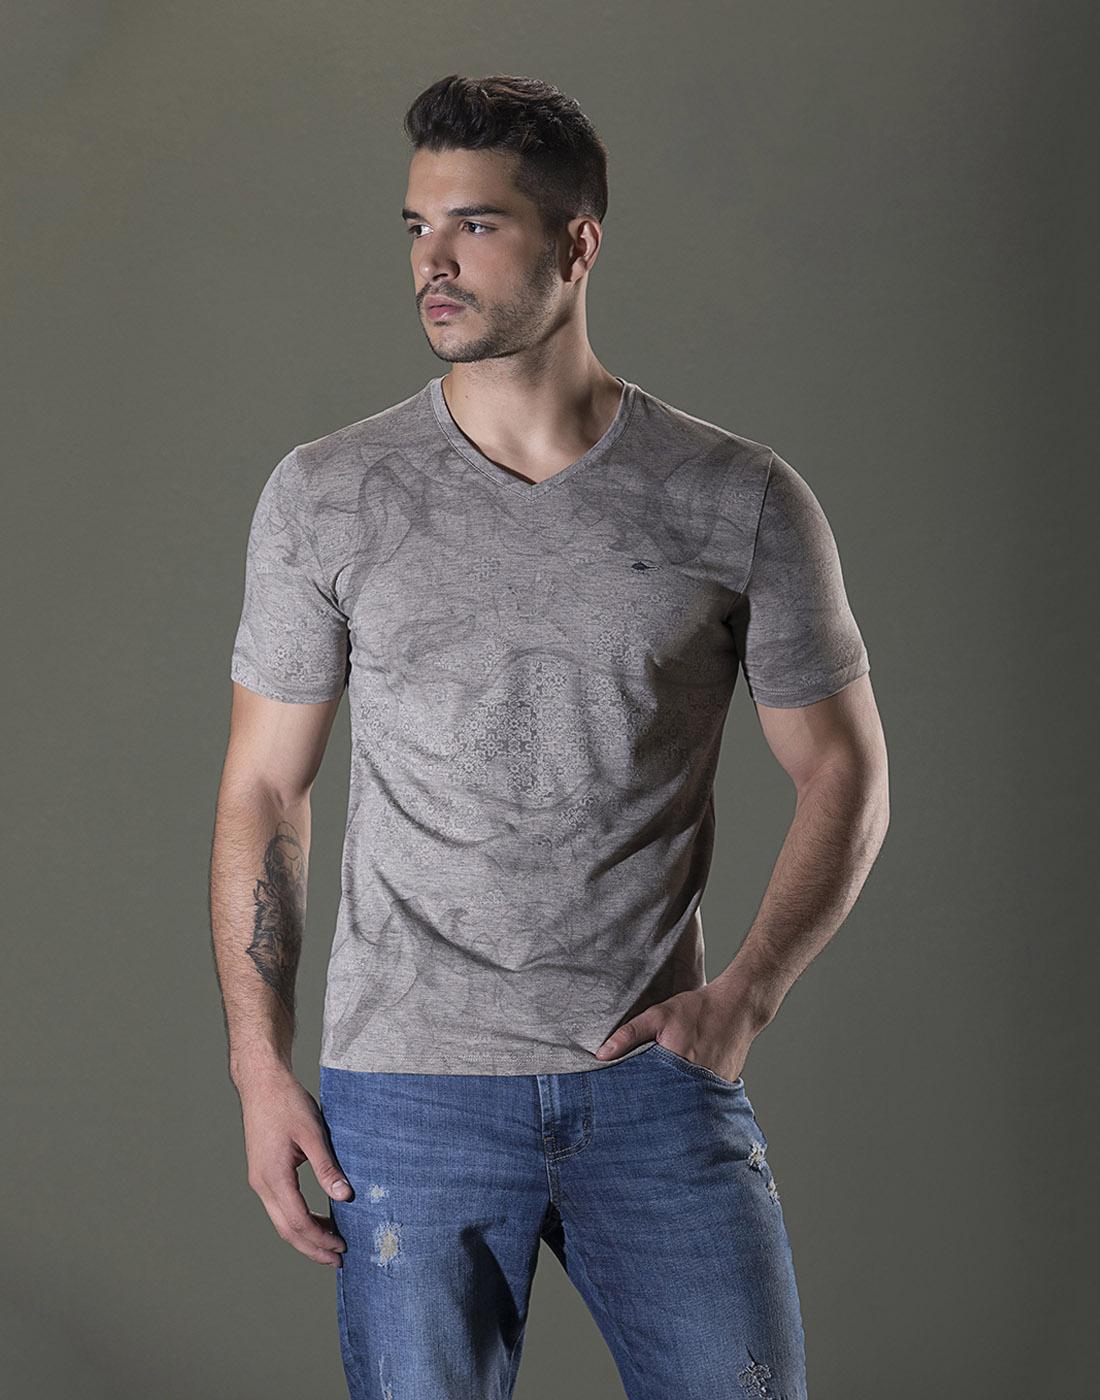 Camiseta Gola V. Estampada Areia Sallo